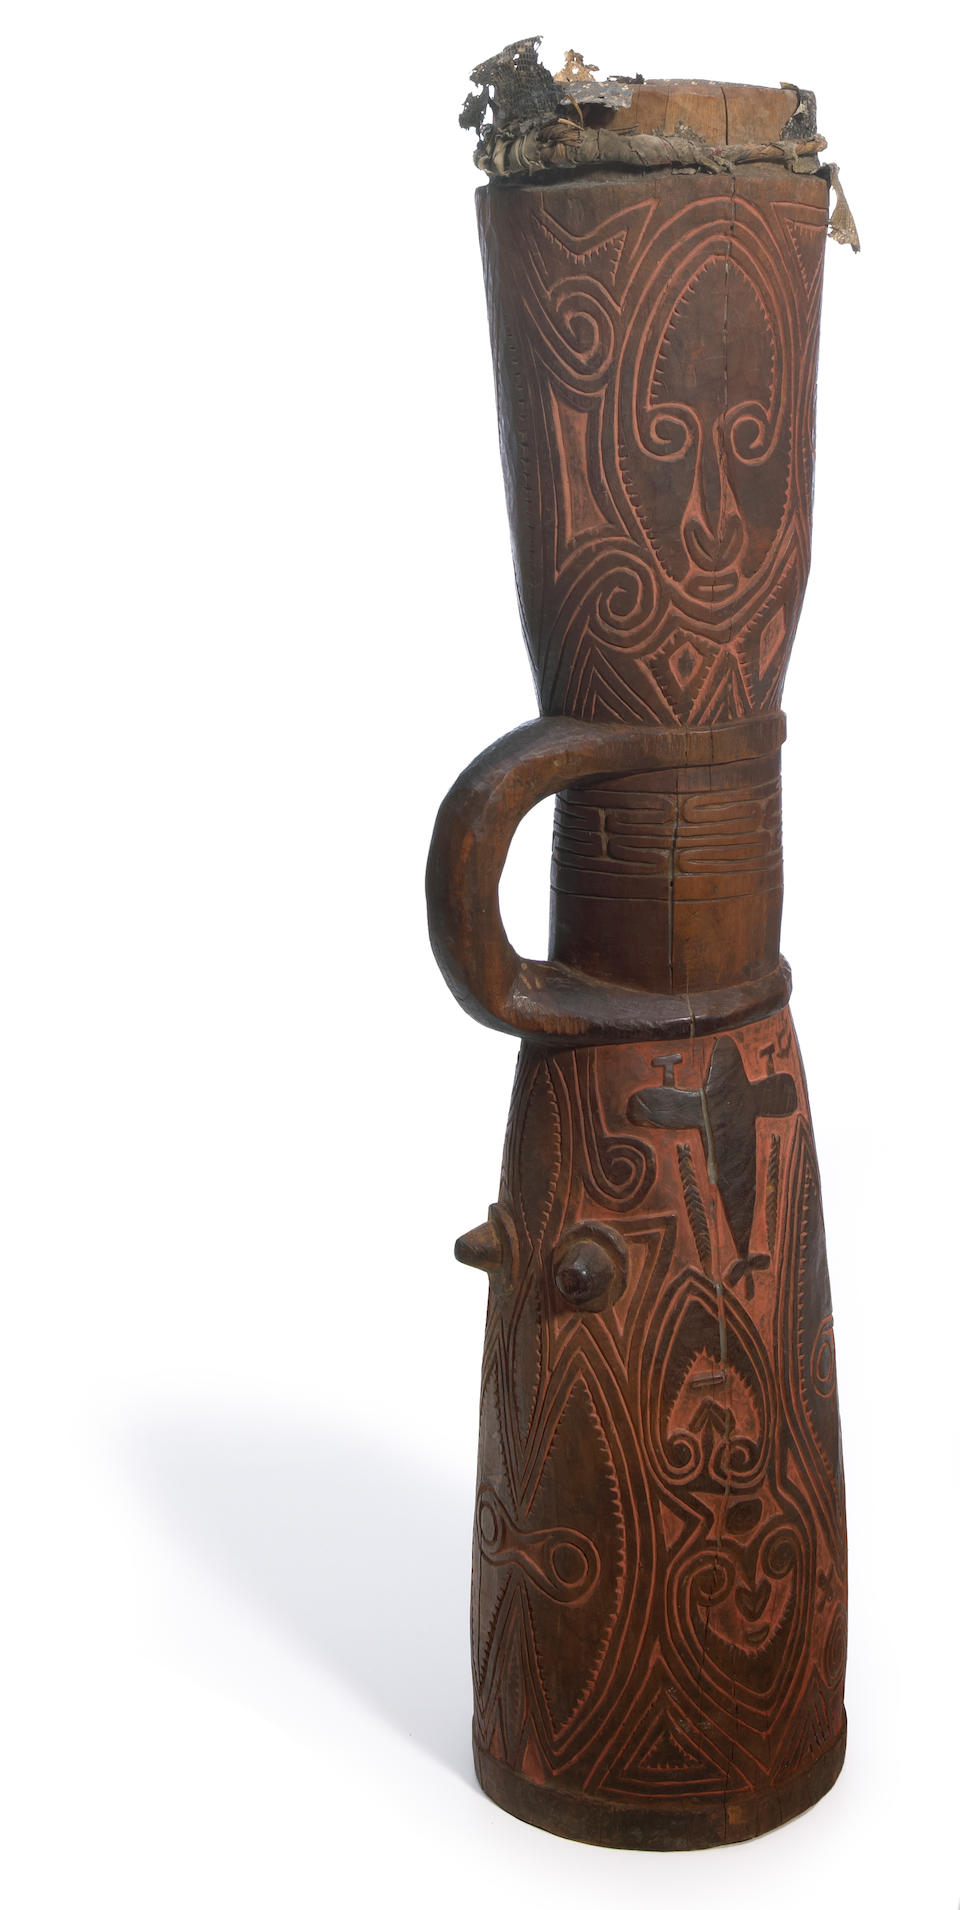 Sepik River or Plains Hand Drum, Papua New Guinea